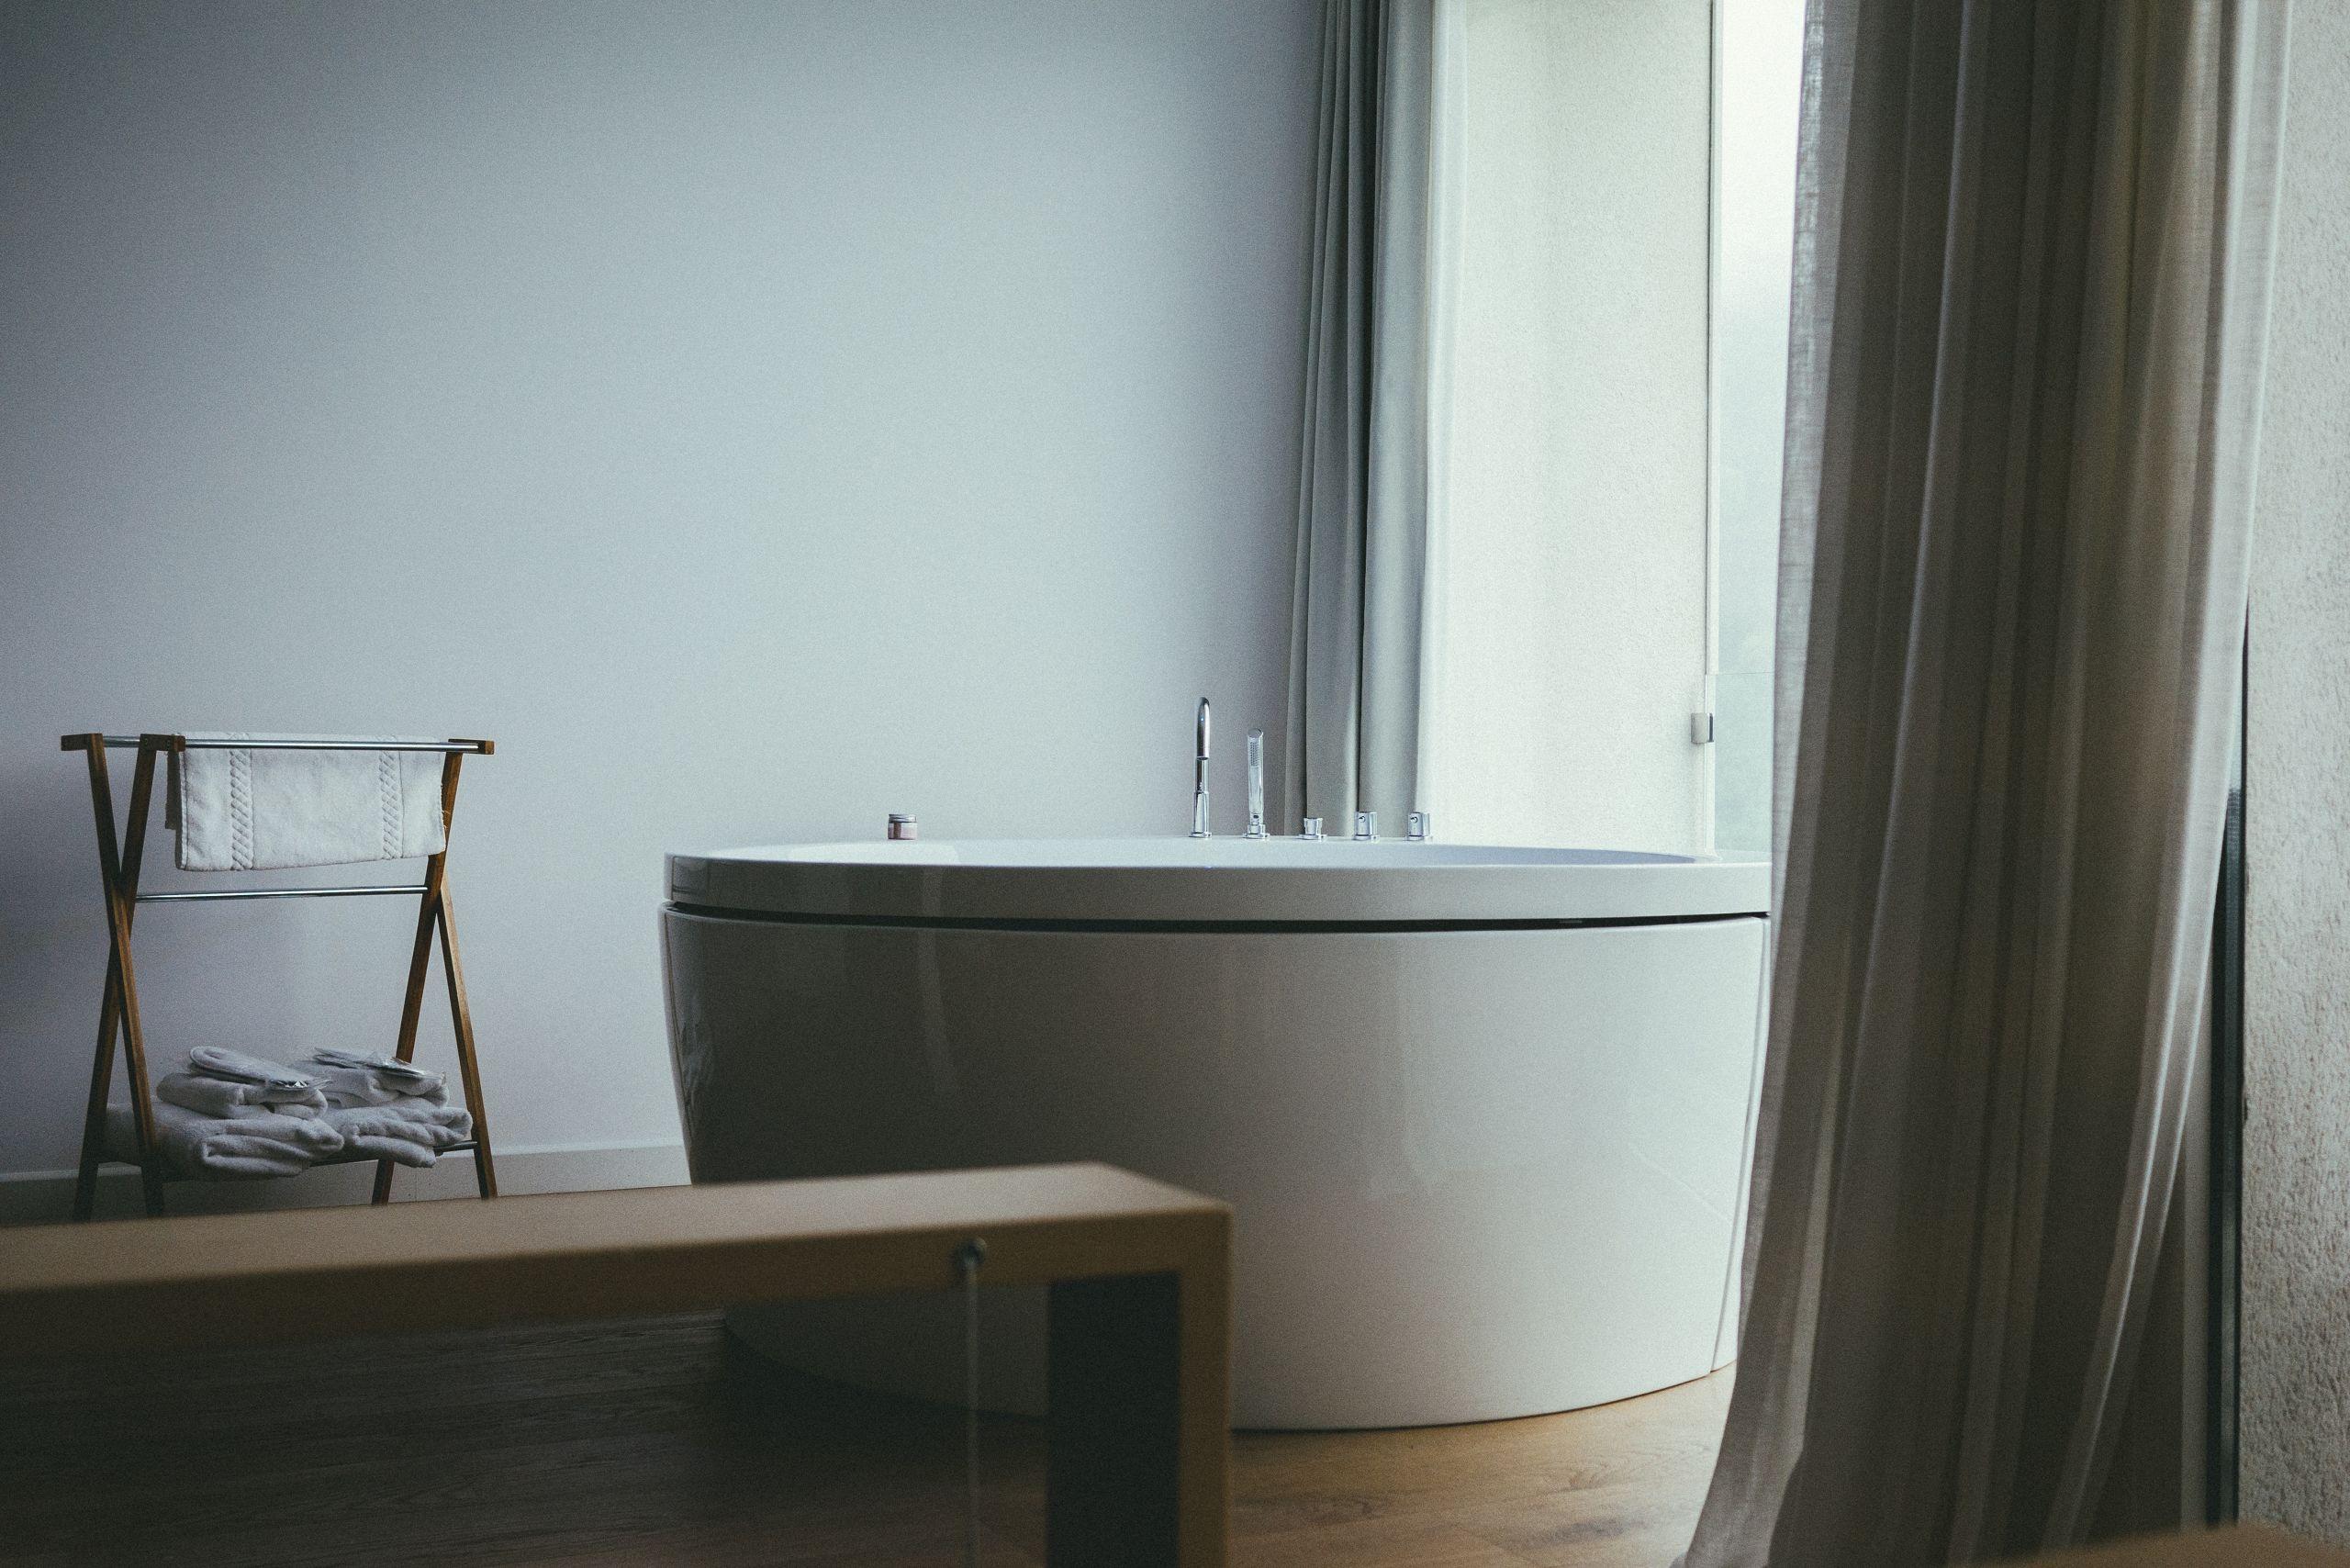 Badekarrets ufravigelige tilbagetogt